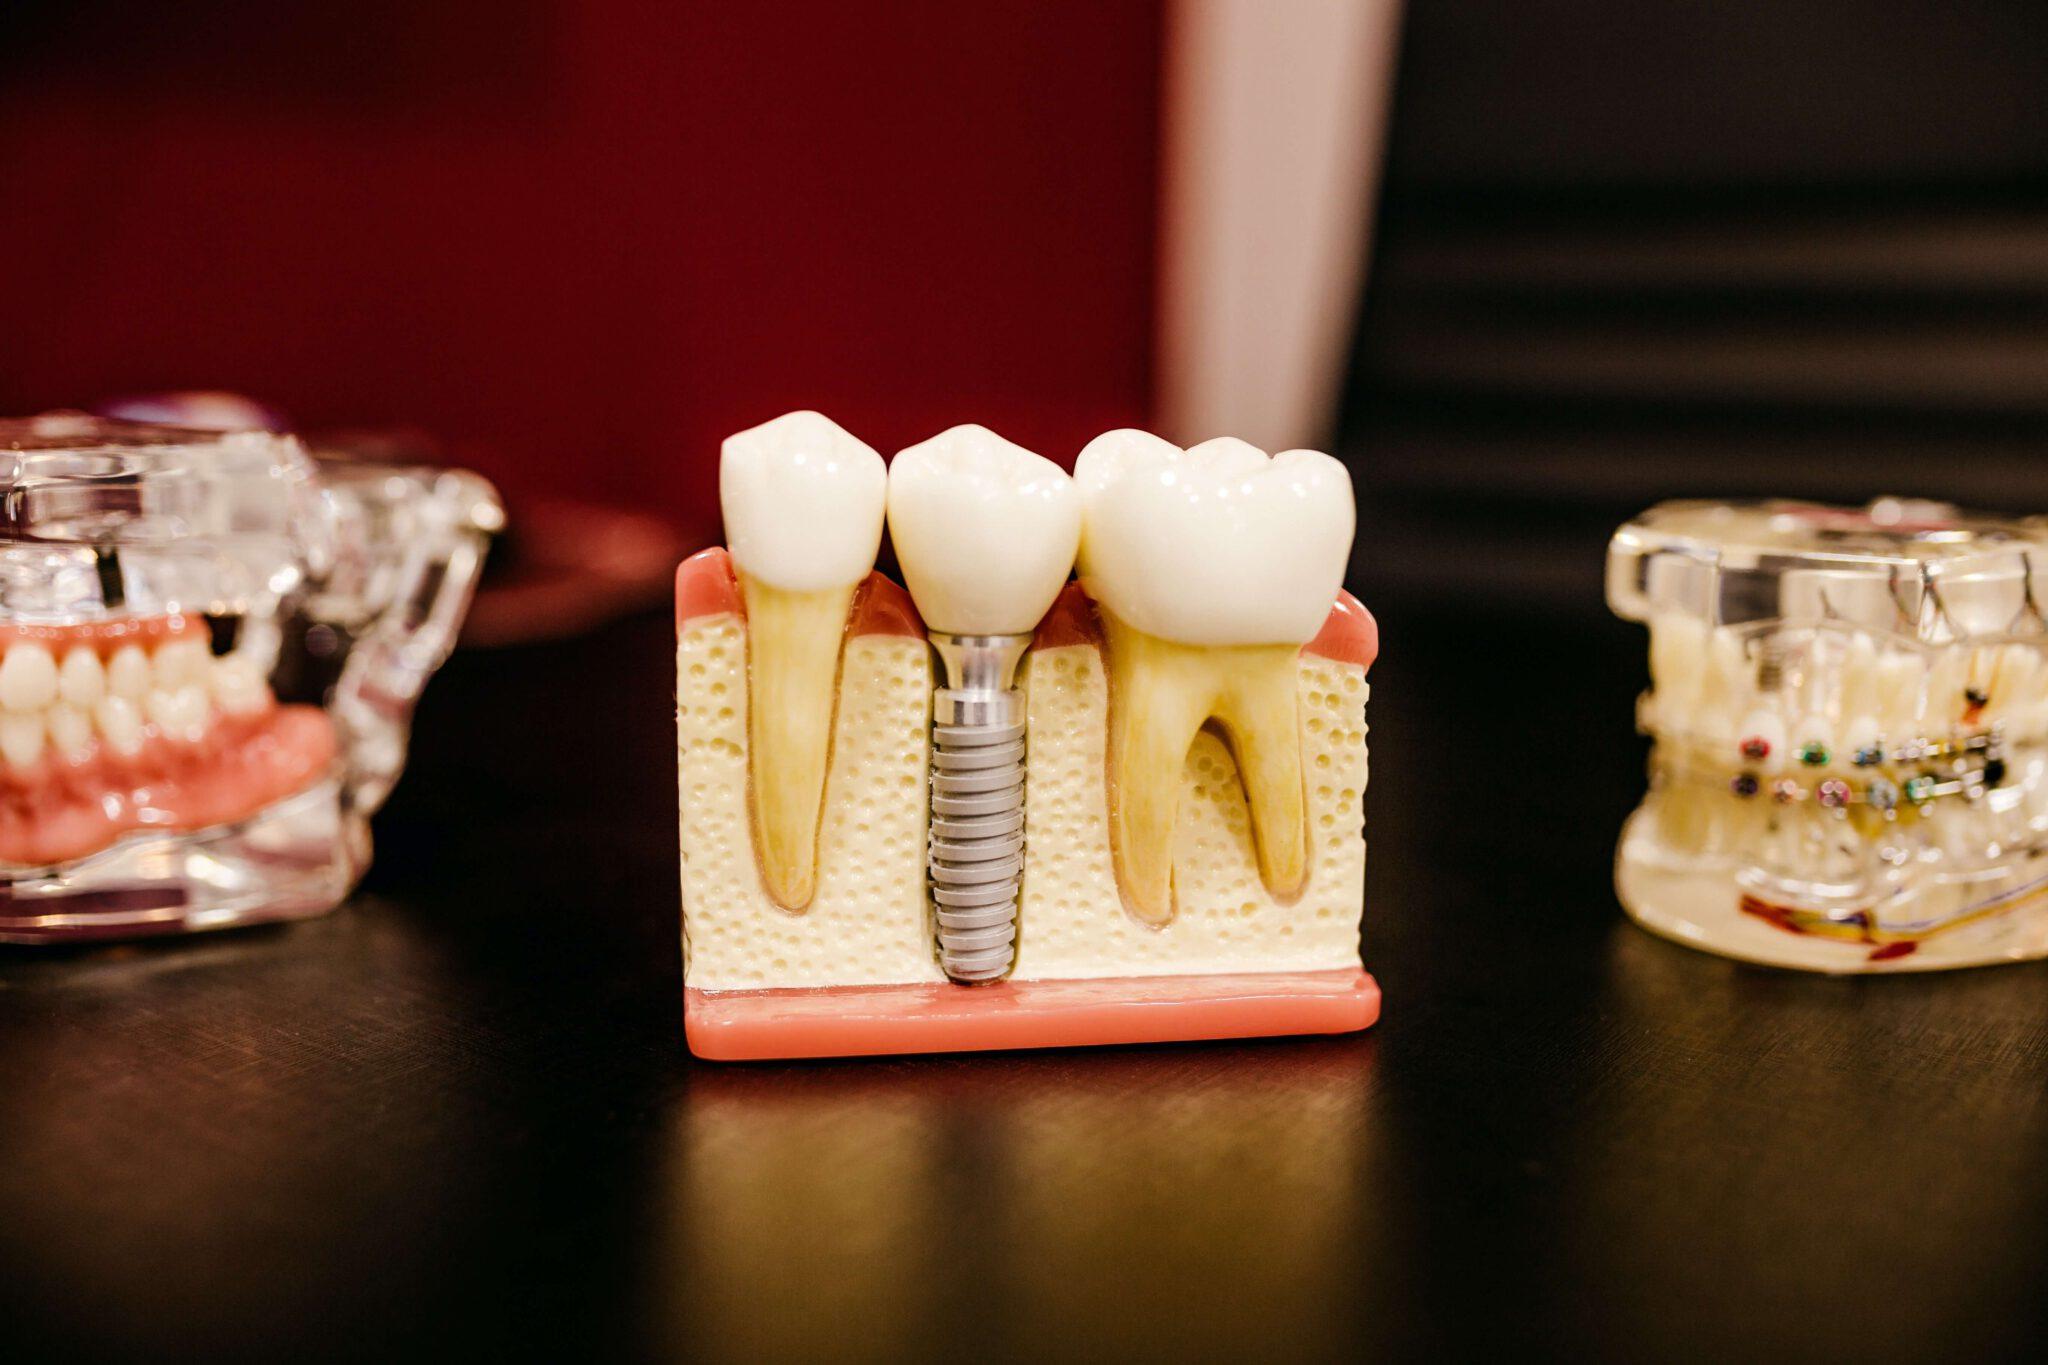 Ile kosztuje wstawienie zęba 1? – To trzeba wiedzieć!